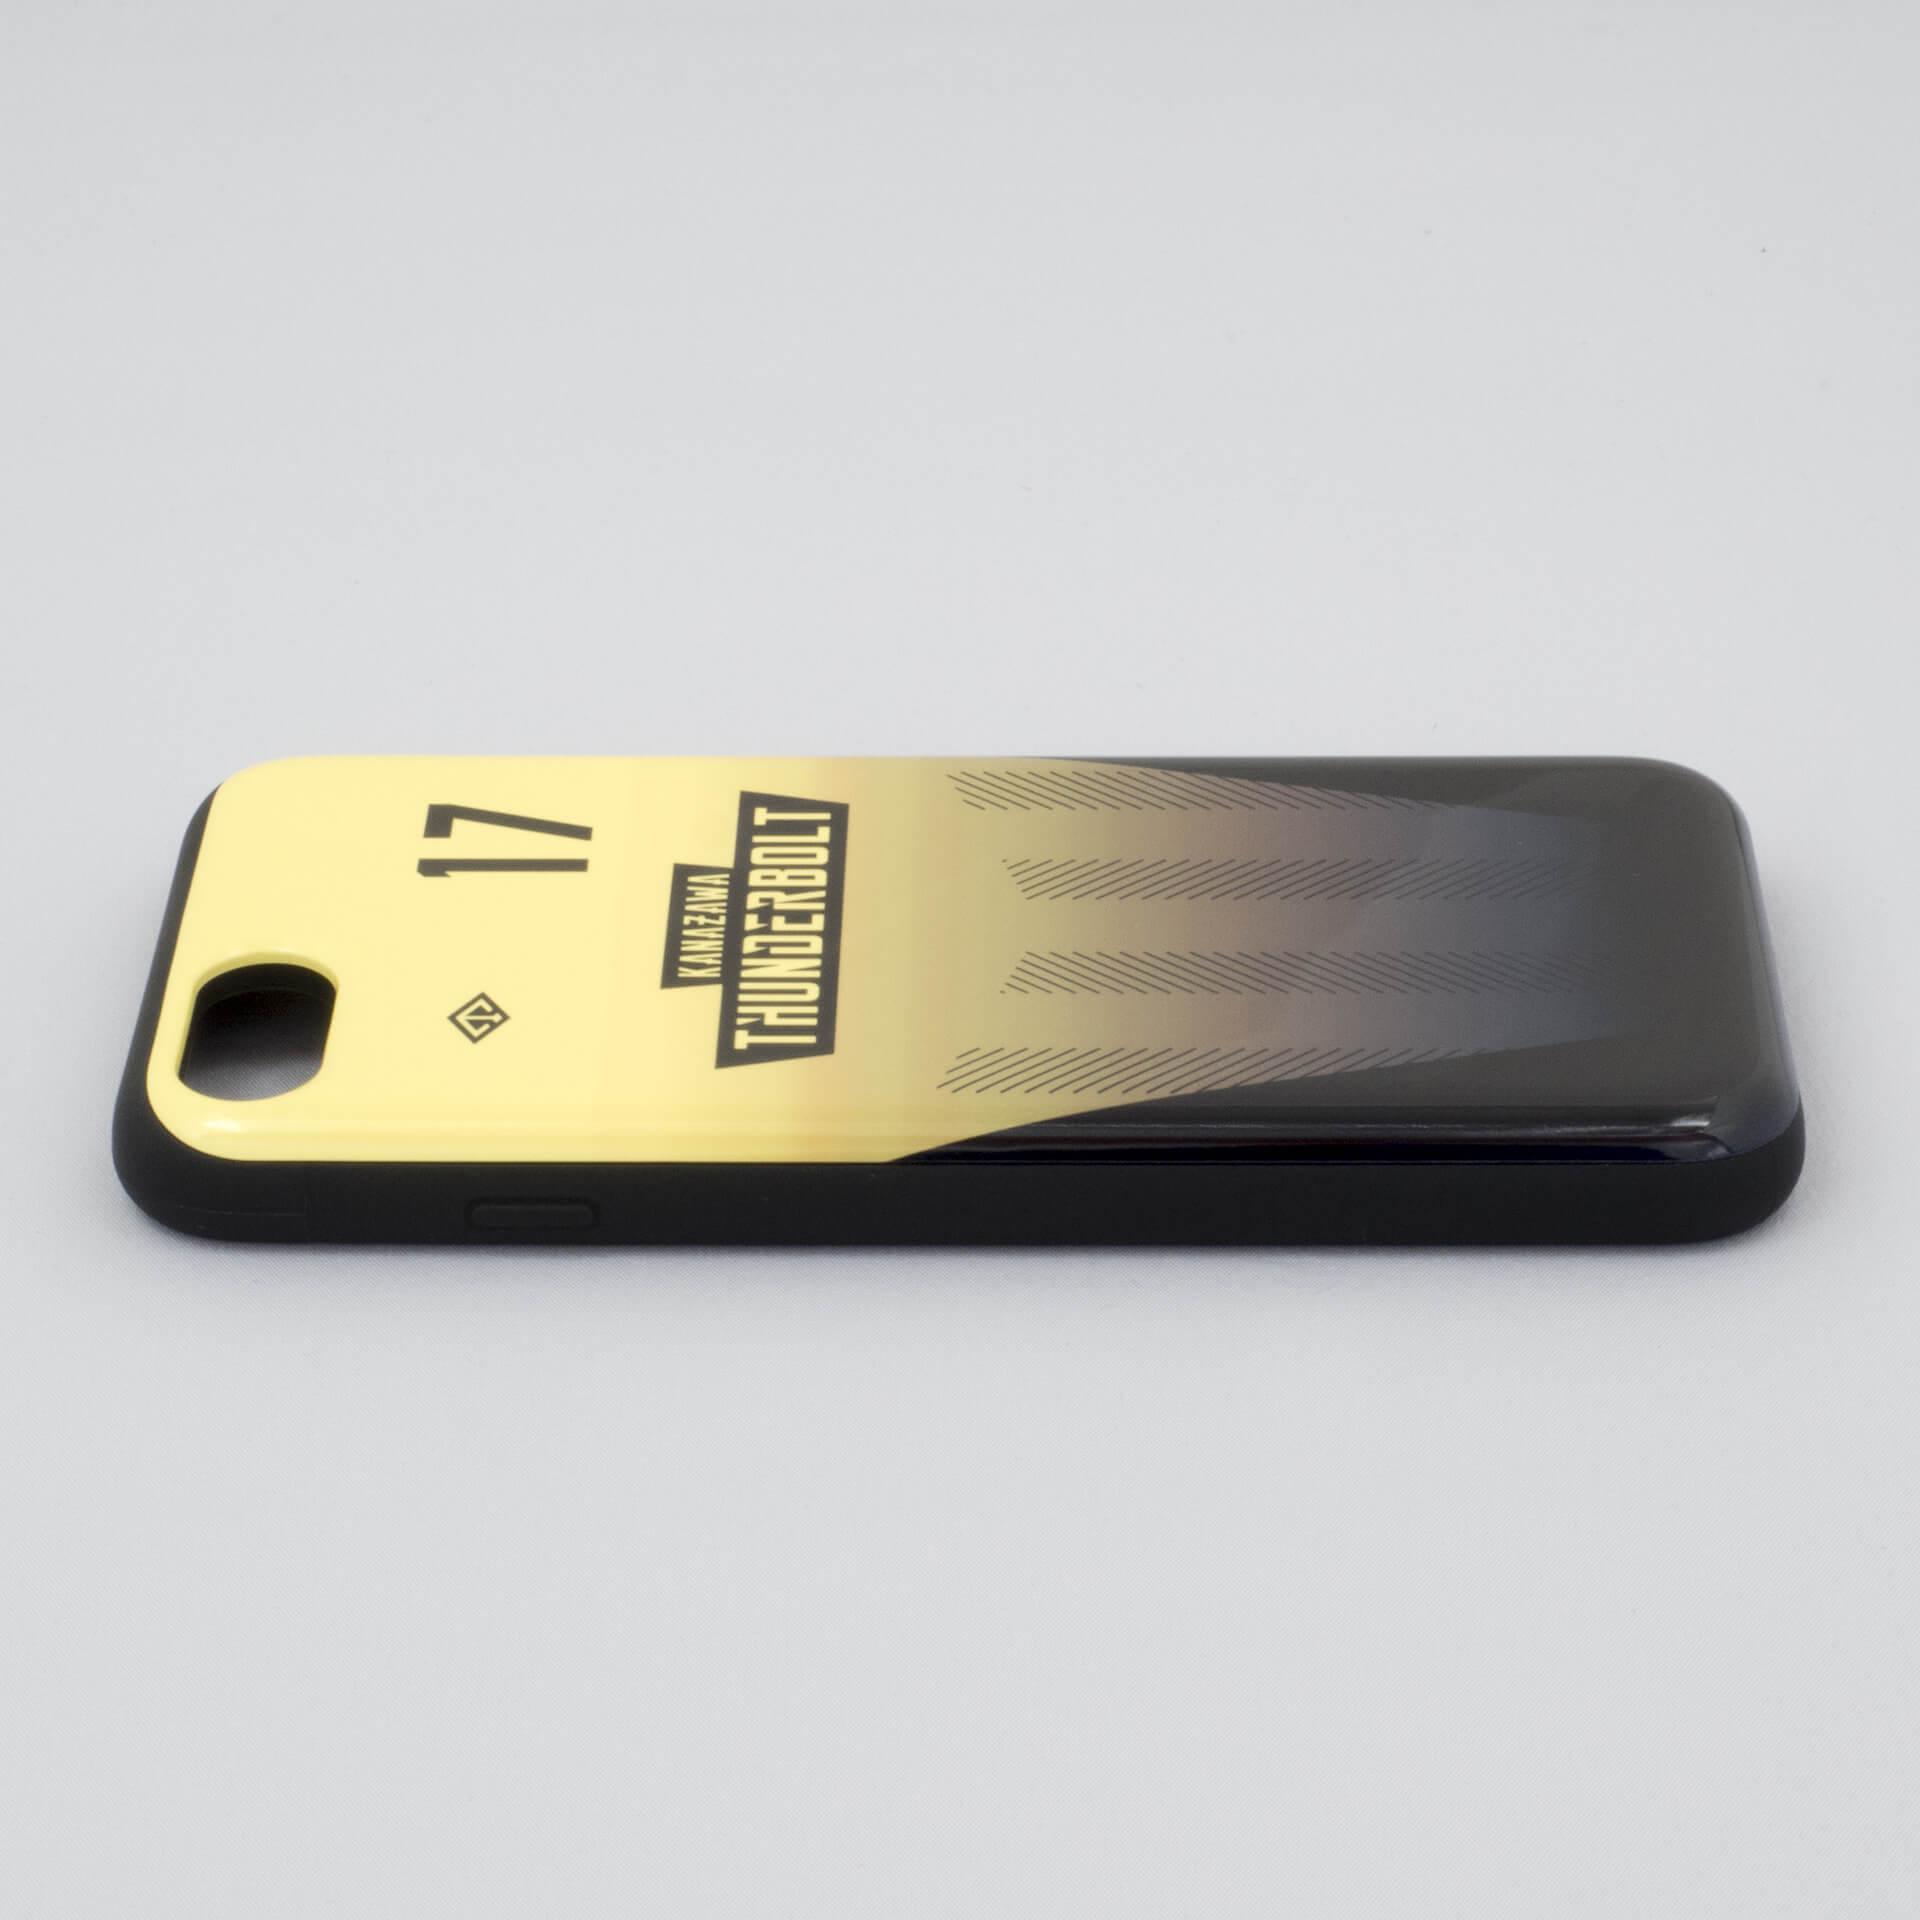 金沢サンダーボルトのiPhoneケース画像2